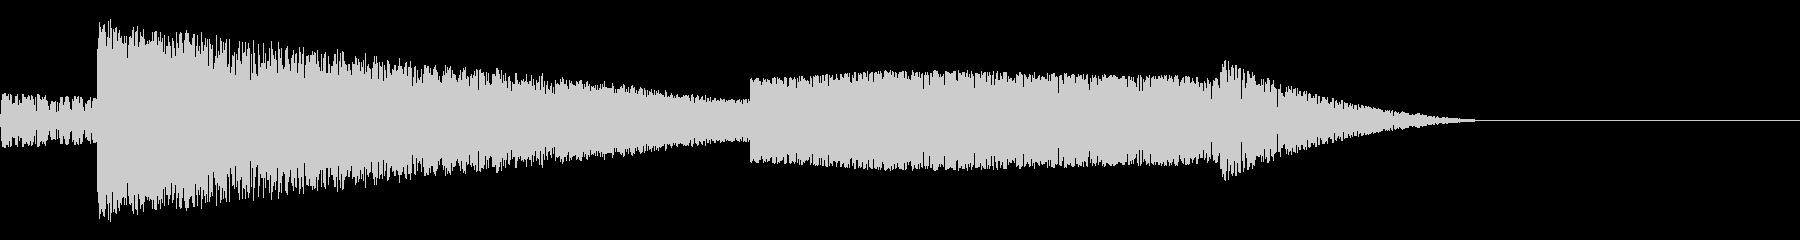 シュババ(爆発/ノイズ/爆風/嵐の未再生の波形